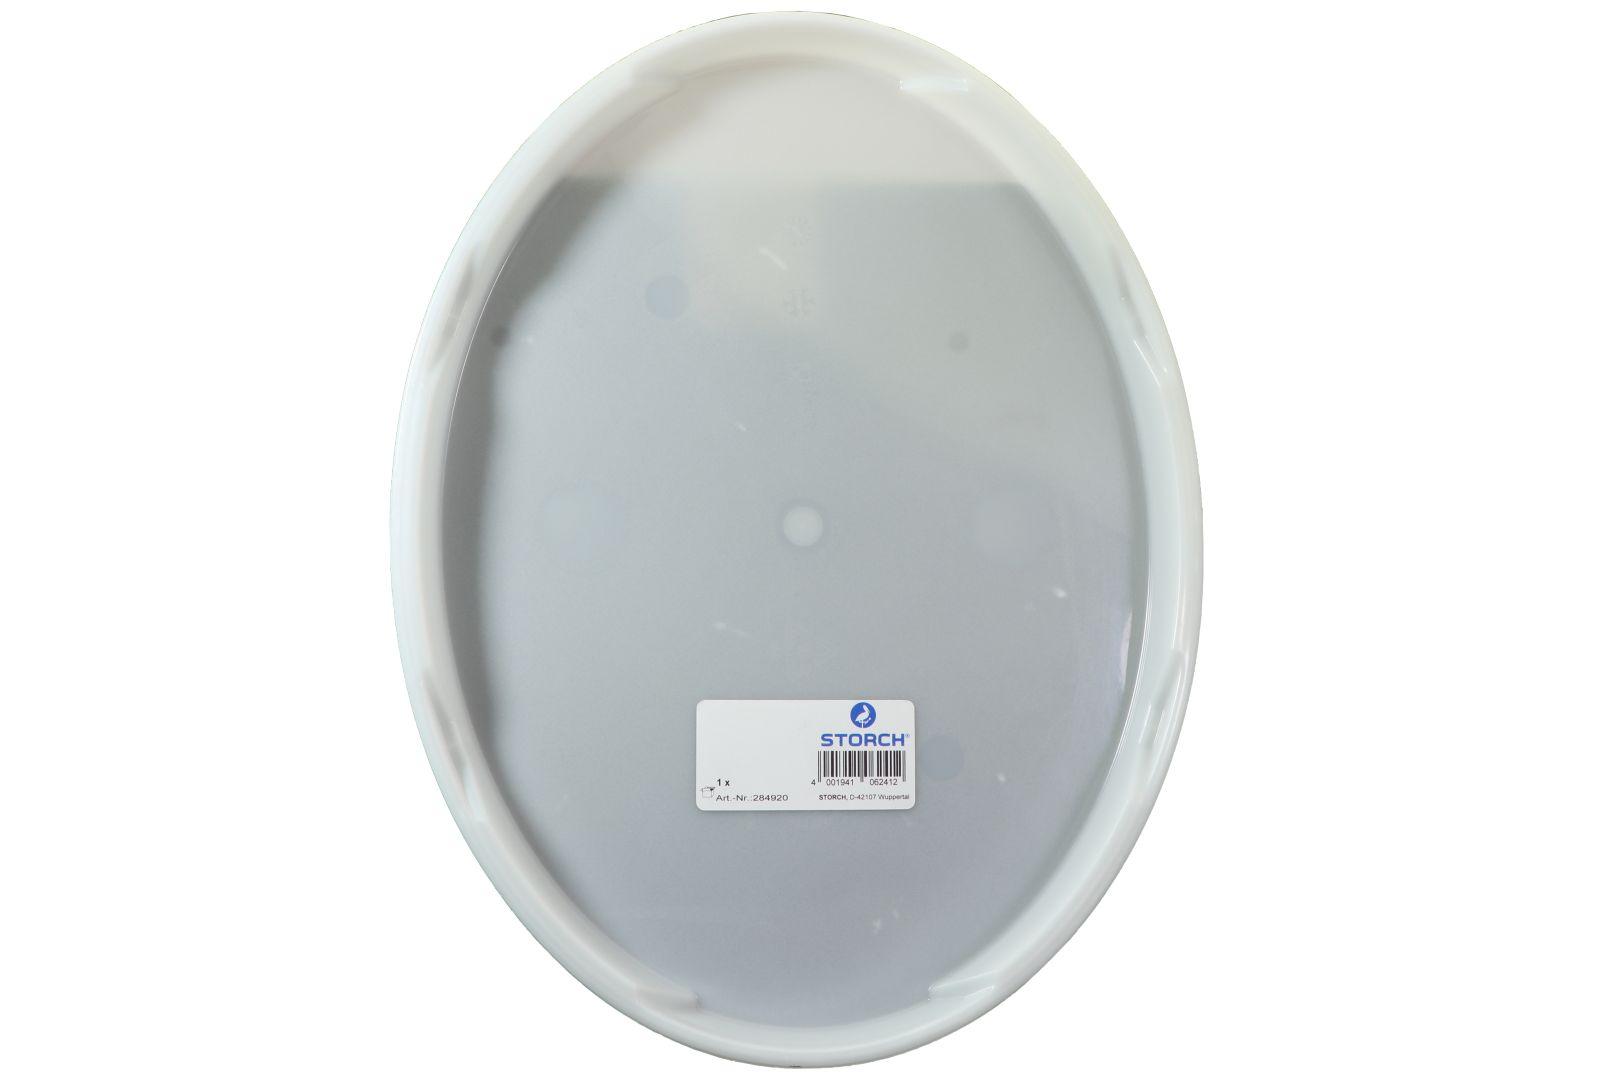 STORCH Deckel zu Farbeimer oval, 19 Liter, Kunststoff, weiß